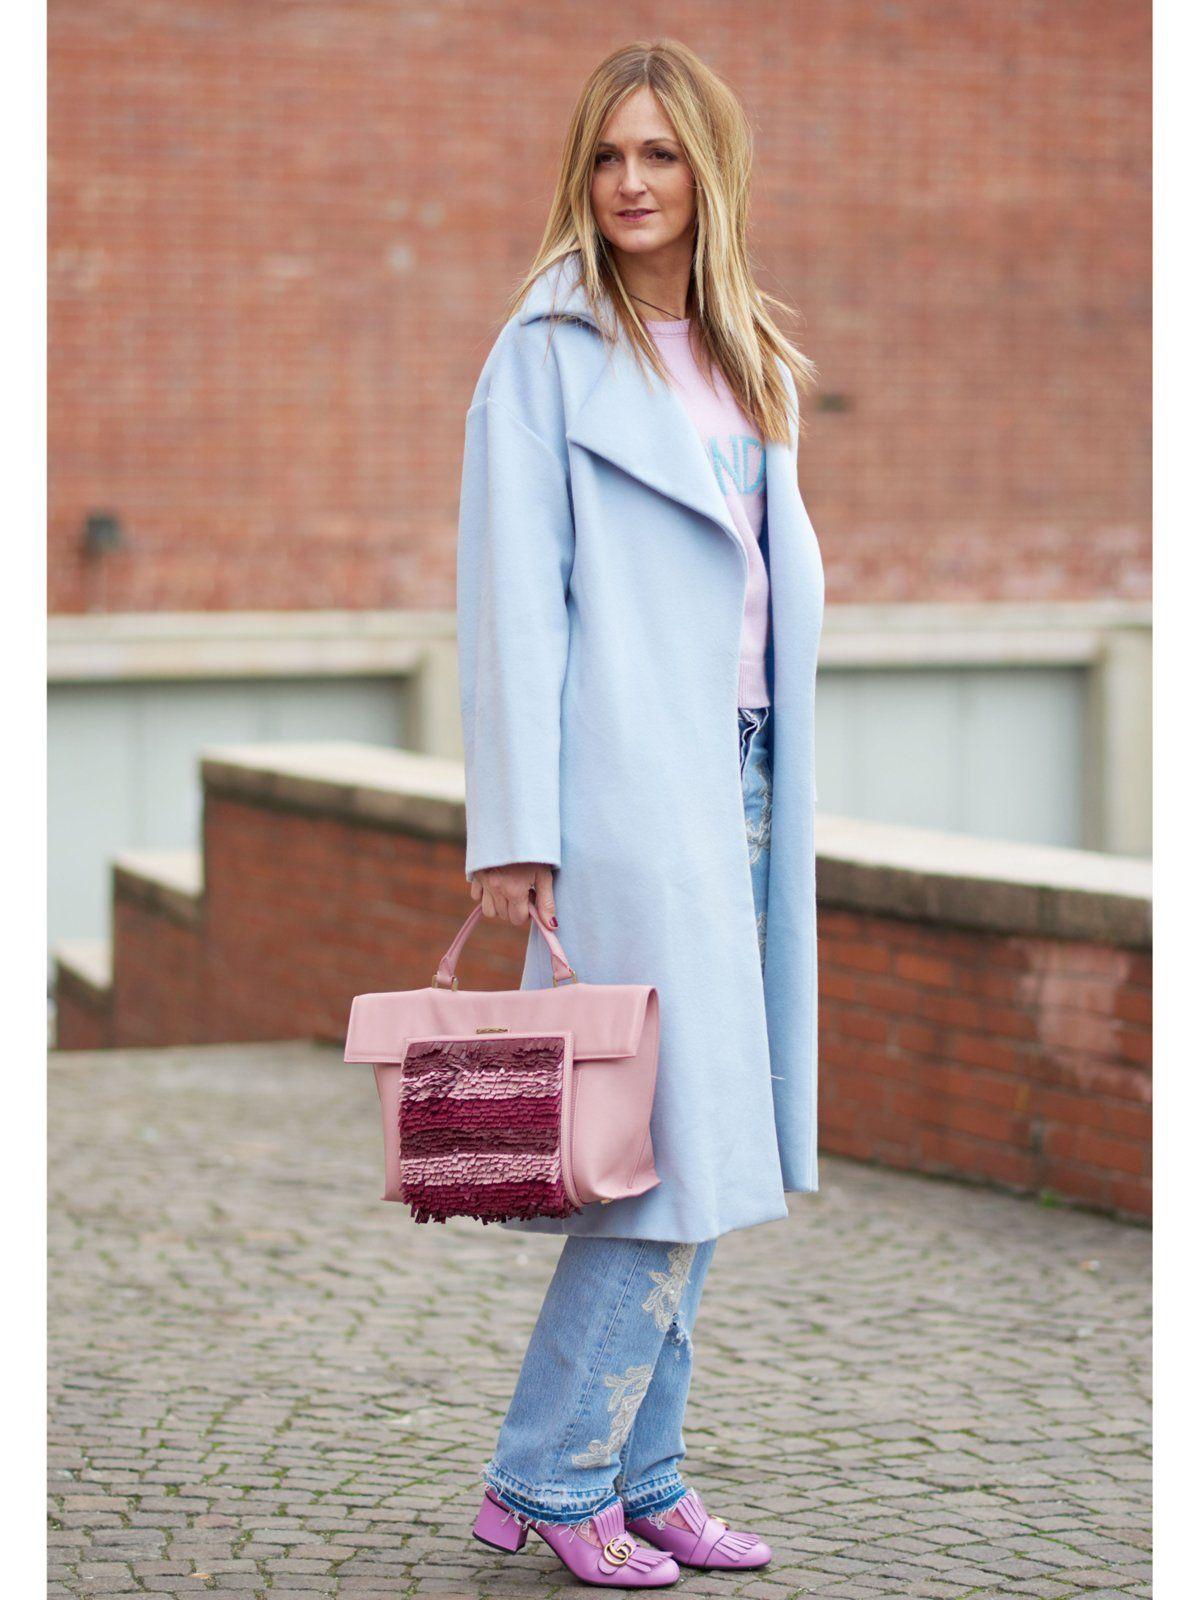 Super leichtes DIY-Projekt: besetzt eure Jeans doch mit etwas Spitze, so wie diese Besucherin der Mailänder Modewochen. Wie das geht? Kauft euch etwas Spitzenstoff, schneidet vorsichtig ein schönes Muster aus und näht es dann auf eurer Jeans fest. Alternativ könnt ihr die Spitze auch mit Textilkleber festkleben. Ihr solltet nur darauf achten, einen Kleber zu verwenden, der durchsichtig trocknet.Für alle Bastel-Profis: Do it Yourself - Mode, Wohnen, Food selber machen